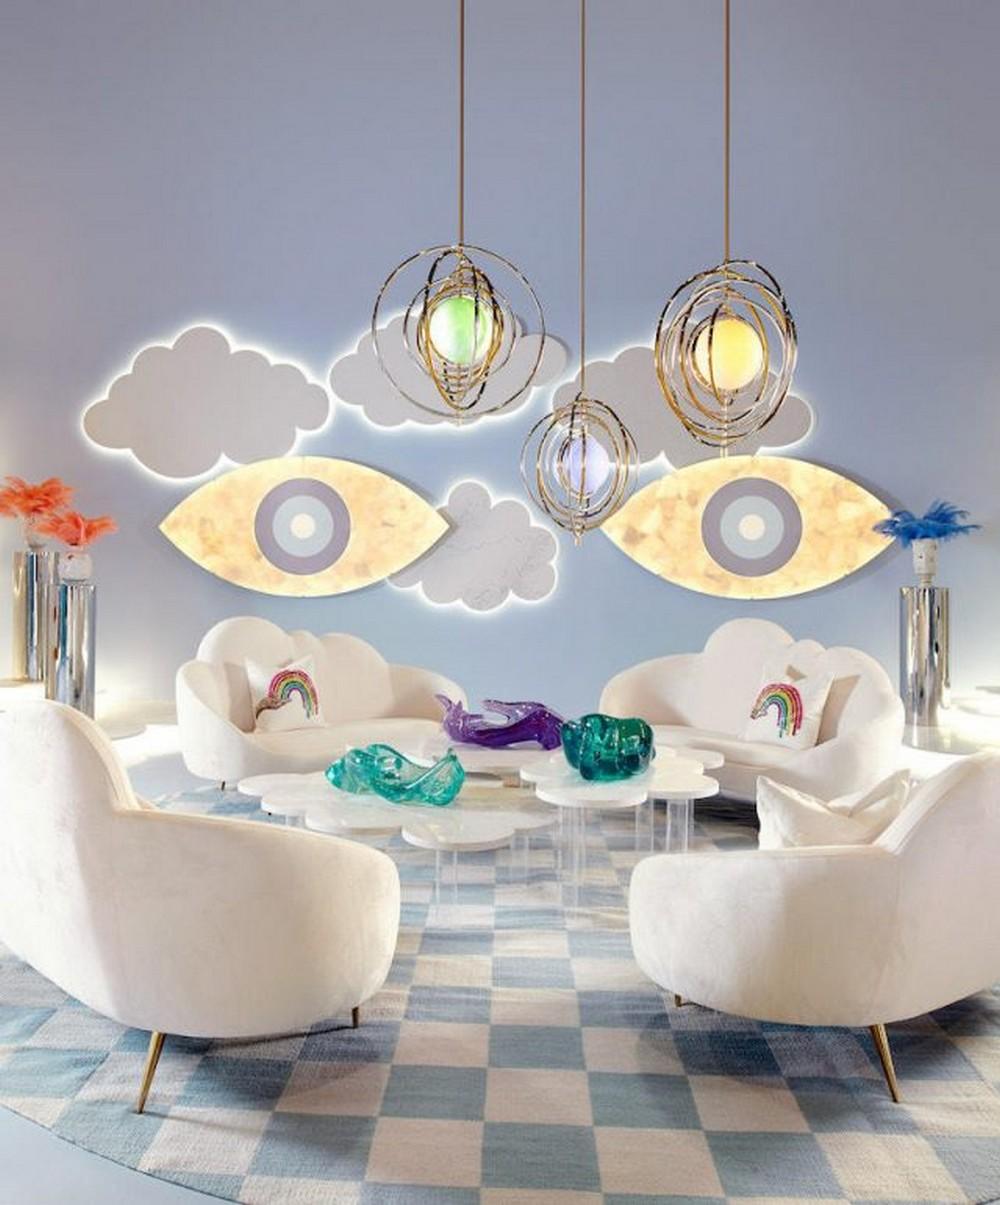 best design Best Design Installations: Dreamland by Jonathan Adler Best Design Installations Dreamland by Jonathan Adler 4